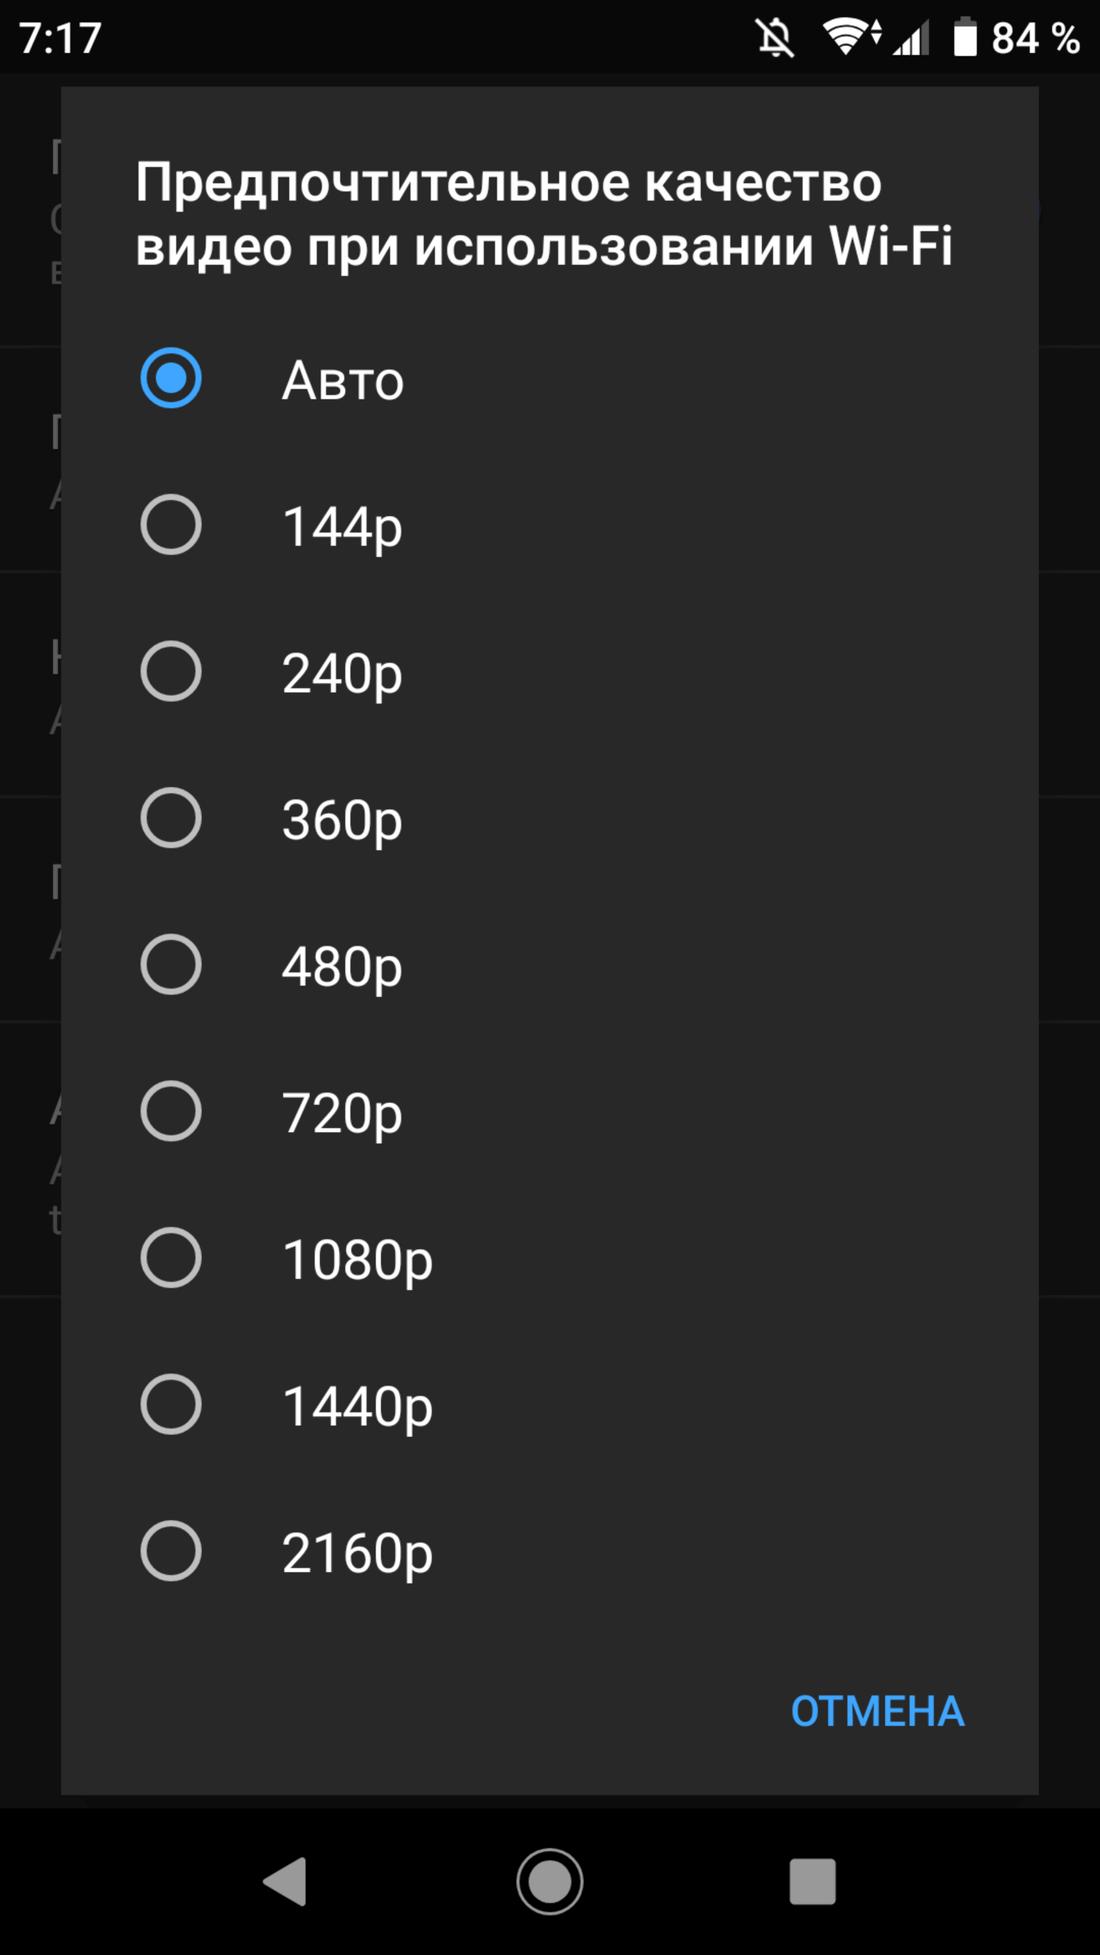 Скриншот #3 из программы Youtube Vanced